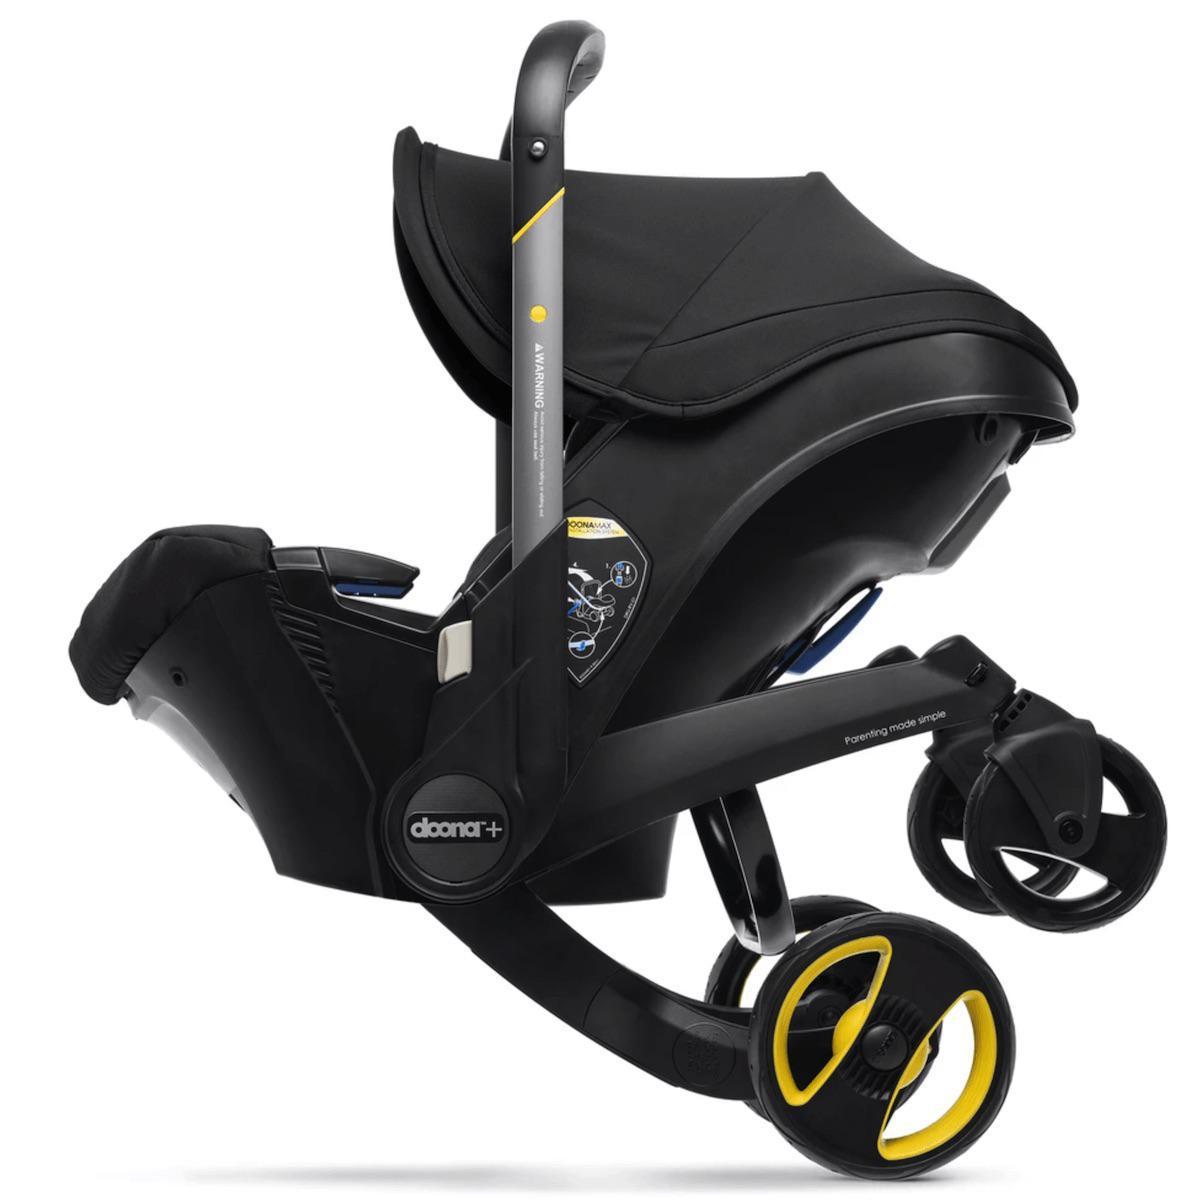 Silla auto-carrito PLUS Doona Nitro black